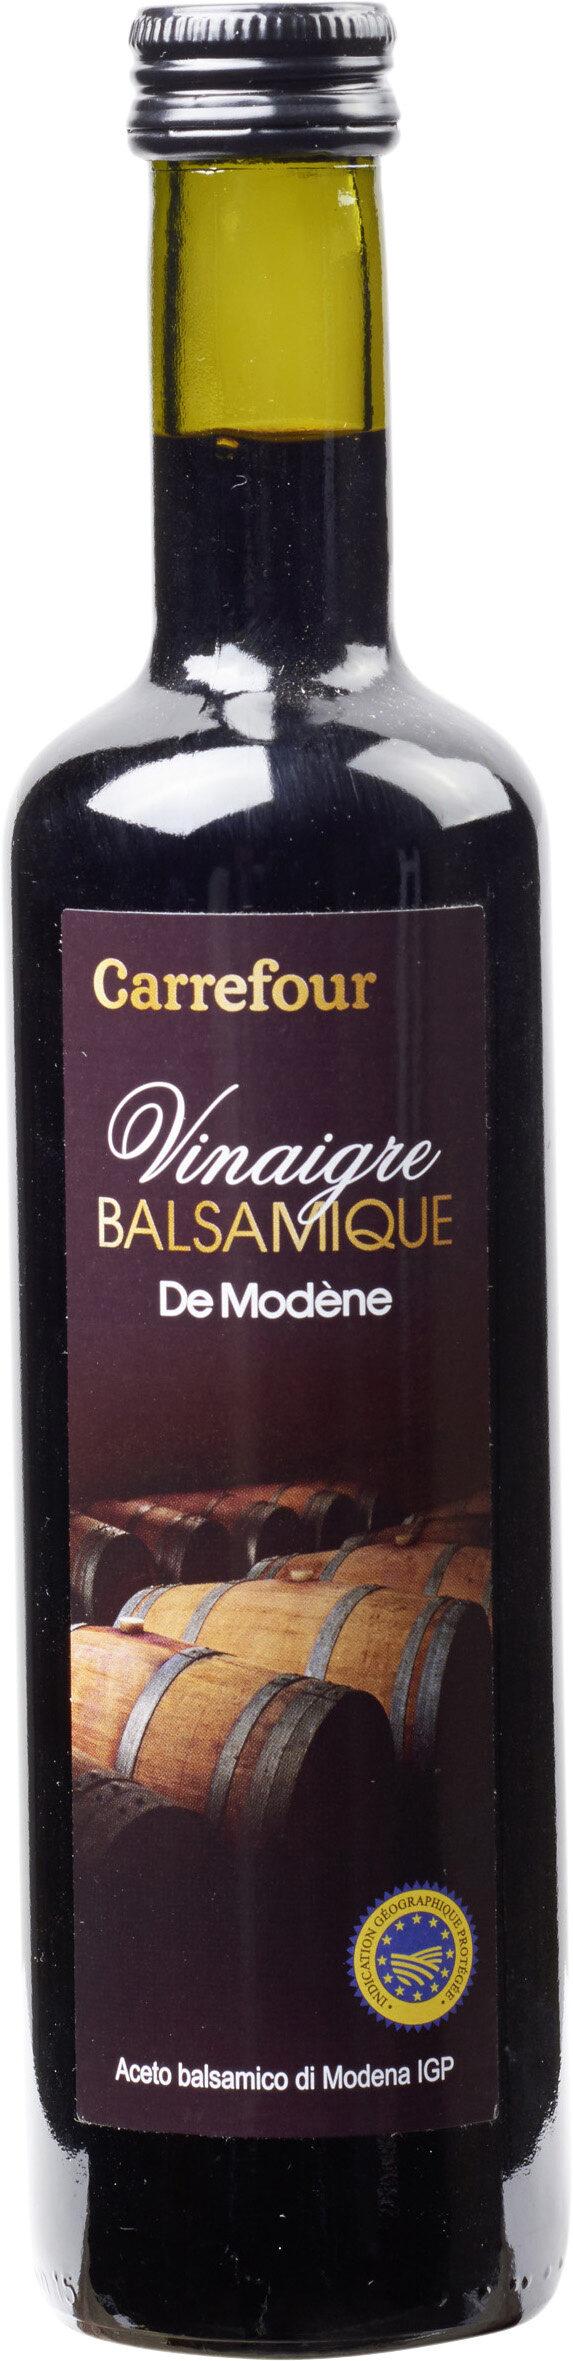 Vinaigre balsamique de Modène - Produit - fr